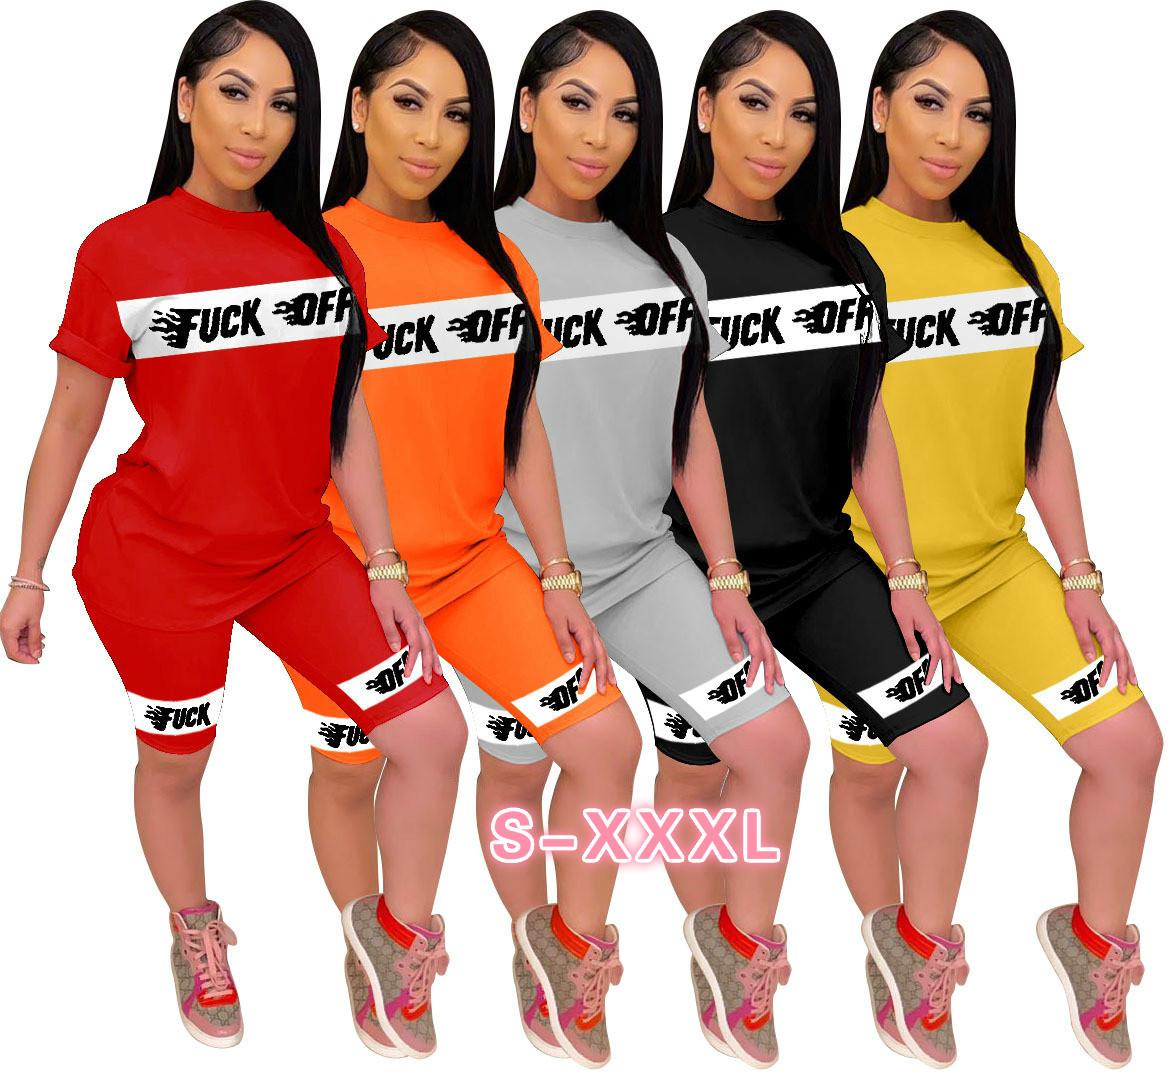 Womens Letter Trajes de manga corta de 2 pedazos del chándal de jogging Sportsuit camisa cortocircuitos trajes de la camiseta de juego de pantalones Deporte vendedor caliente del A263